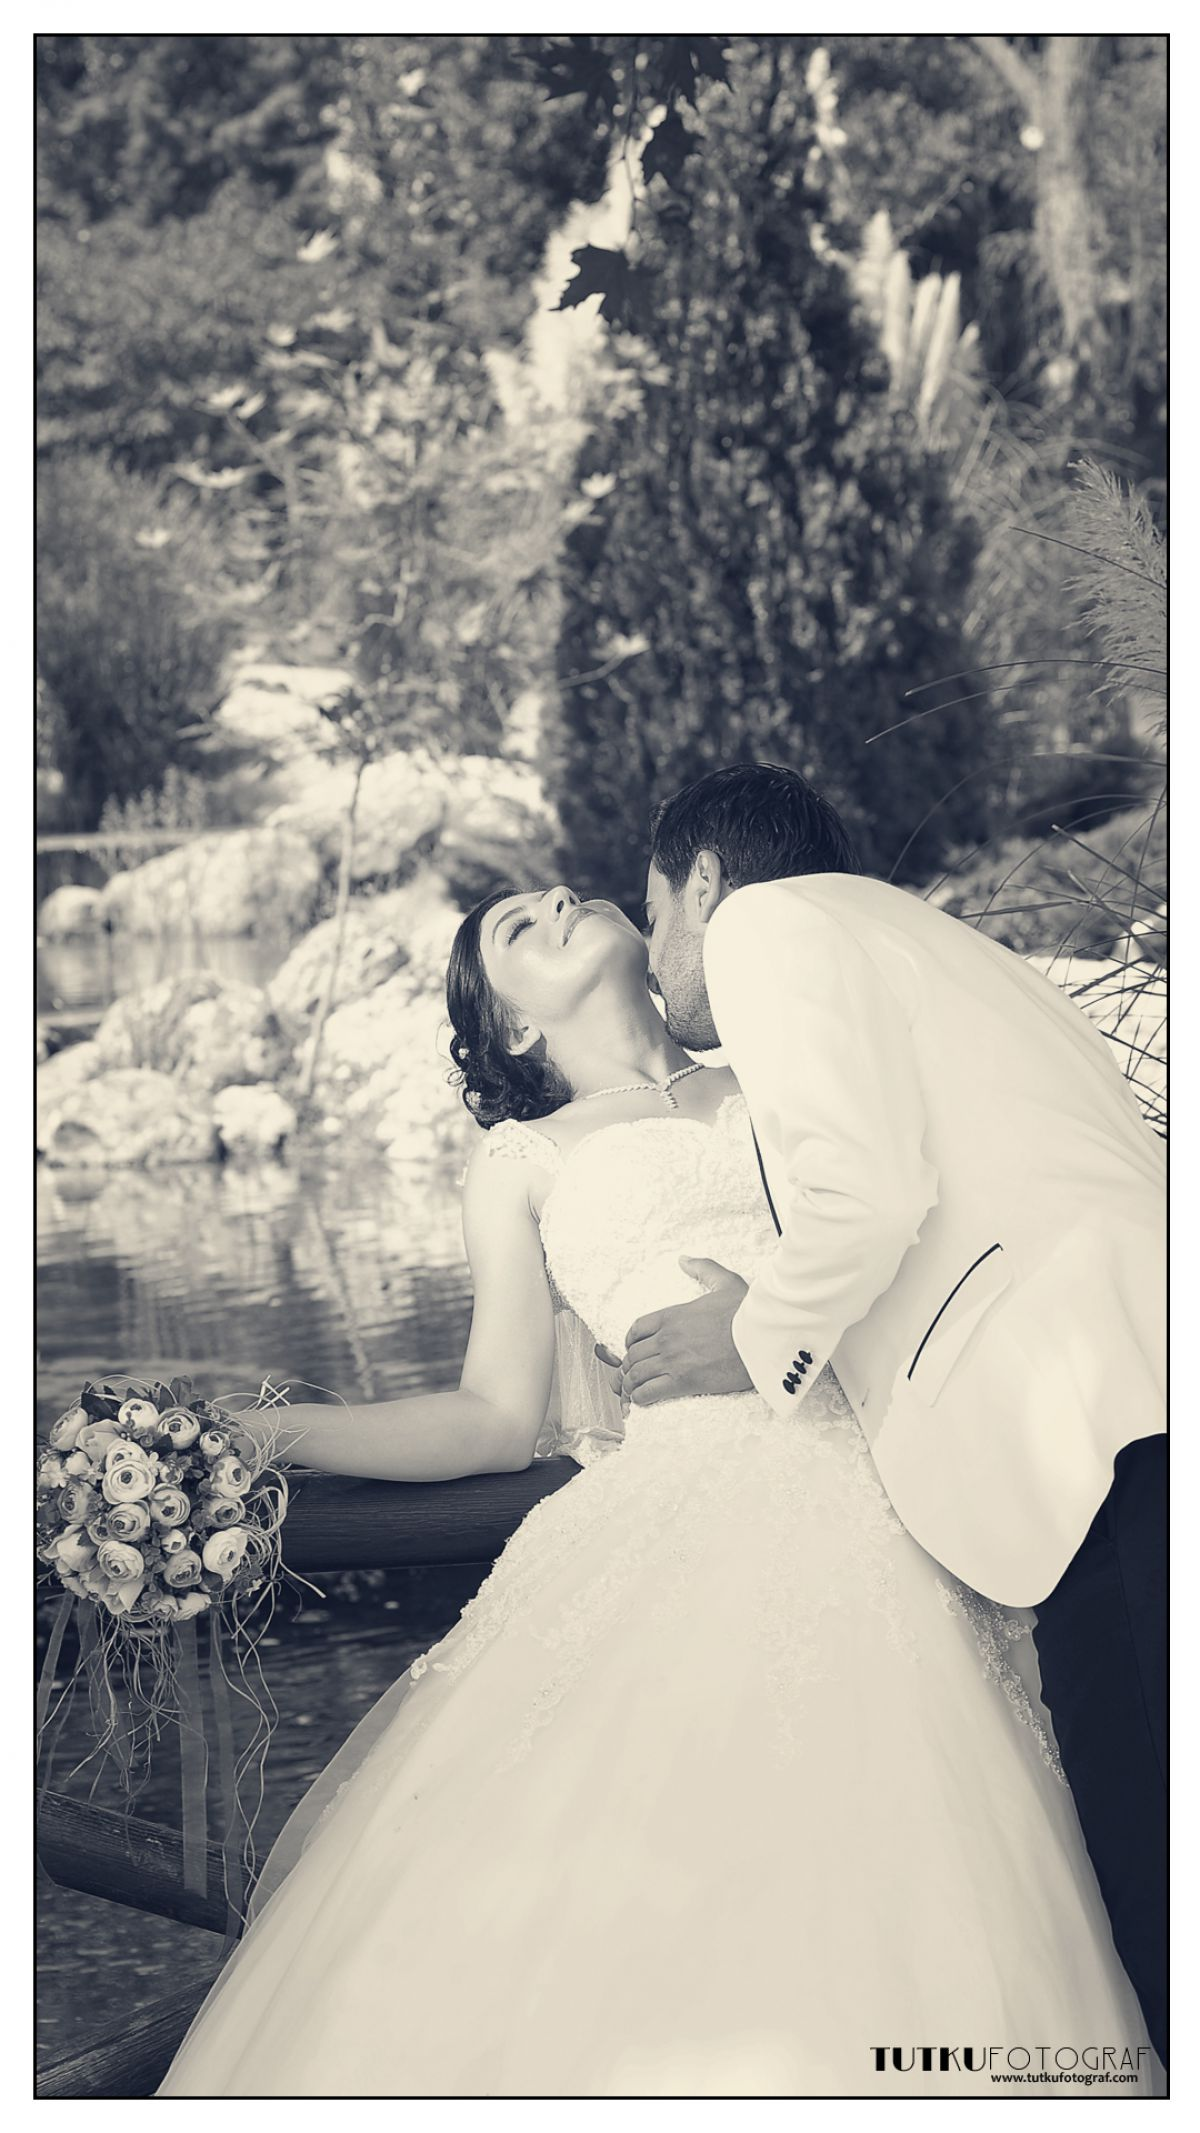 Alaçatı Düğün Albümü Çekimi-Alacati-Dugun-Fotografi-Dis-Mekan-Fotograf-Albumu-Cekimi-4